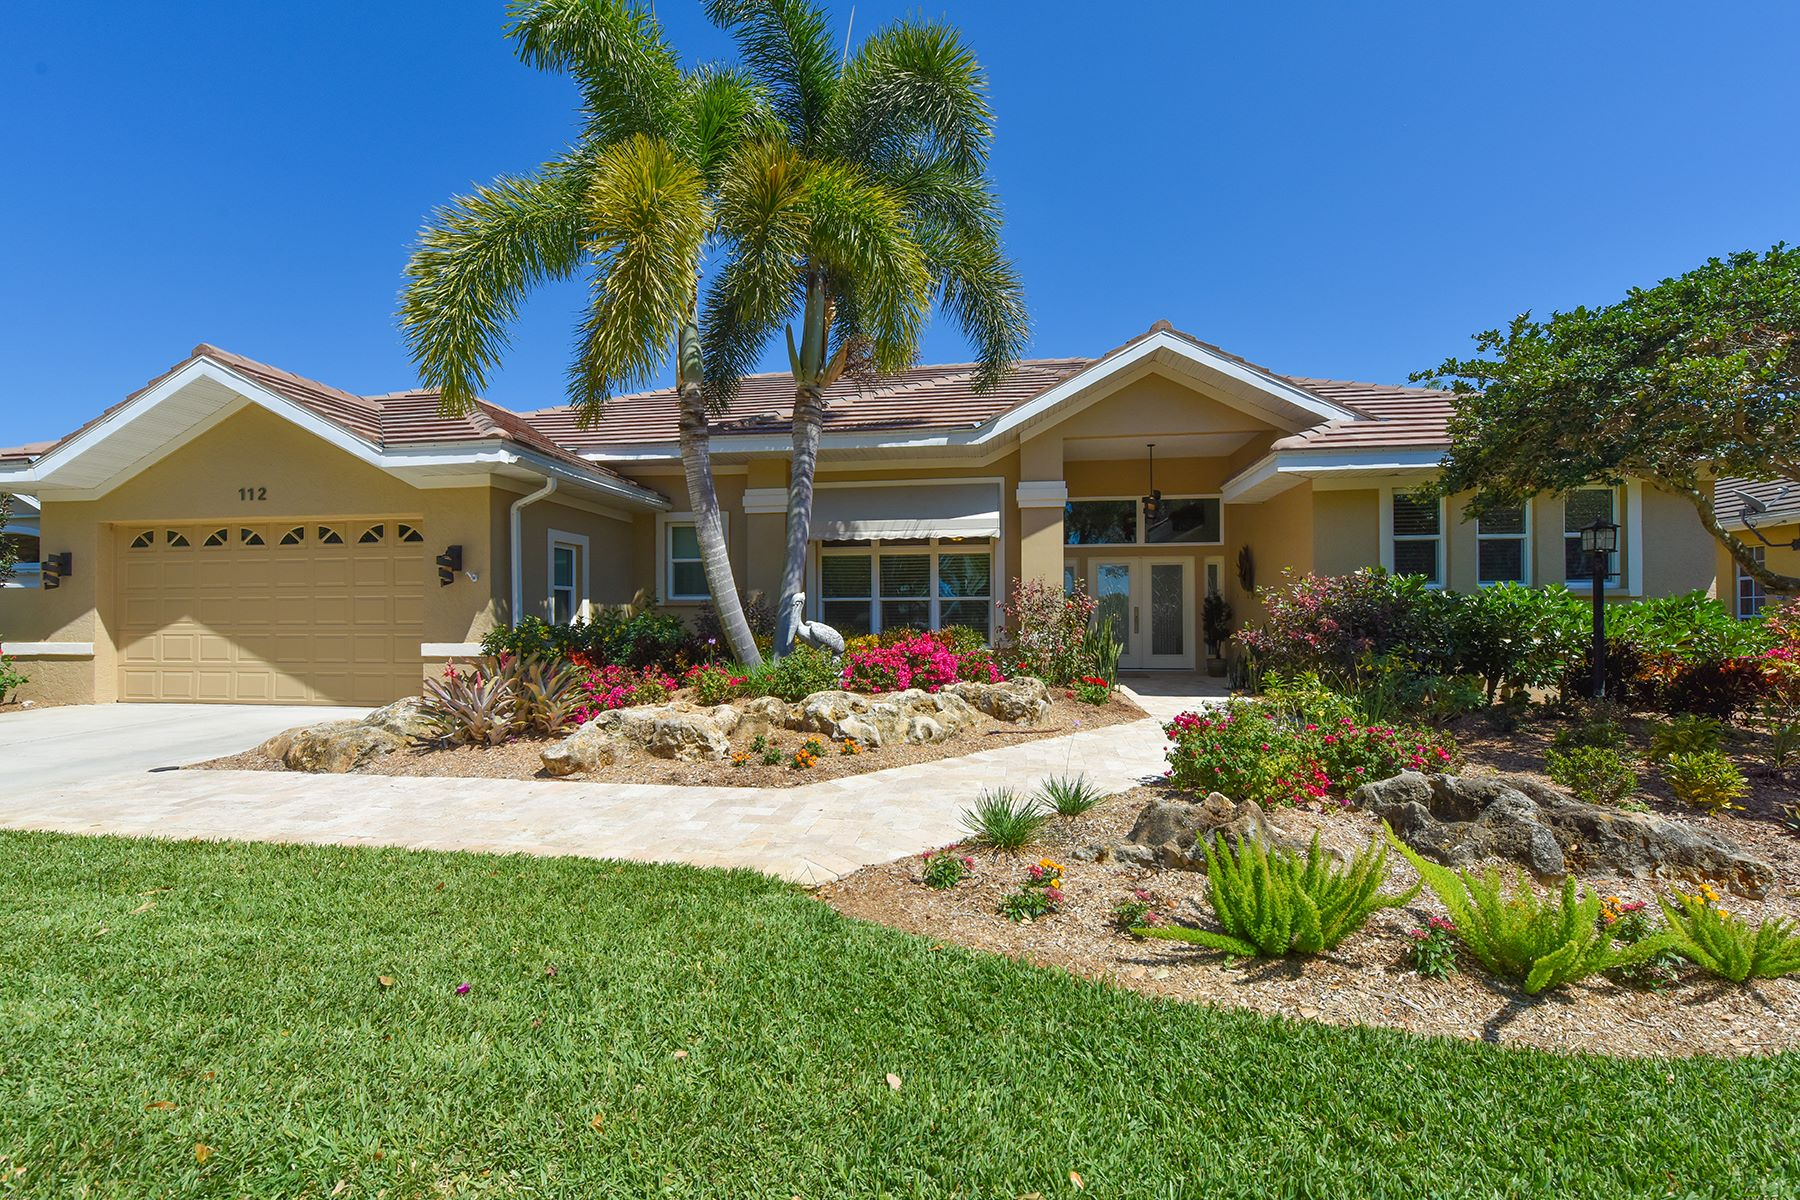 Частный односемейный дом для того Продажа на THE VENICE GOLF & COUNTRY CLUB 112 Ventana Way Venice, Флорида, 34292 Соединенные Штаты